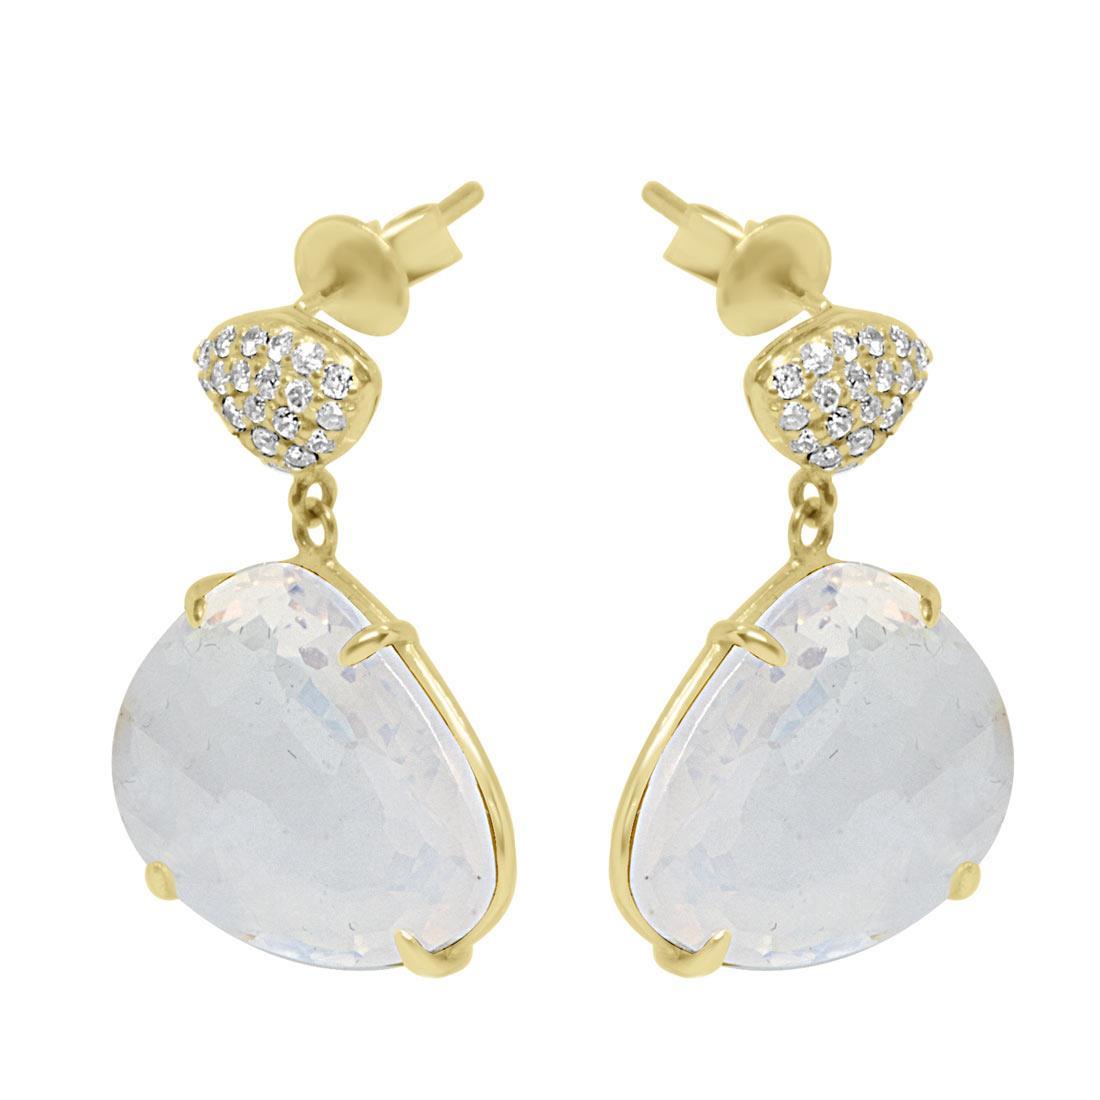 Orecchini in oro giallo con diamanti ct 0.21 e pietra - ORO&CO